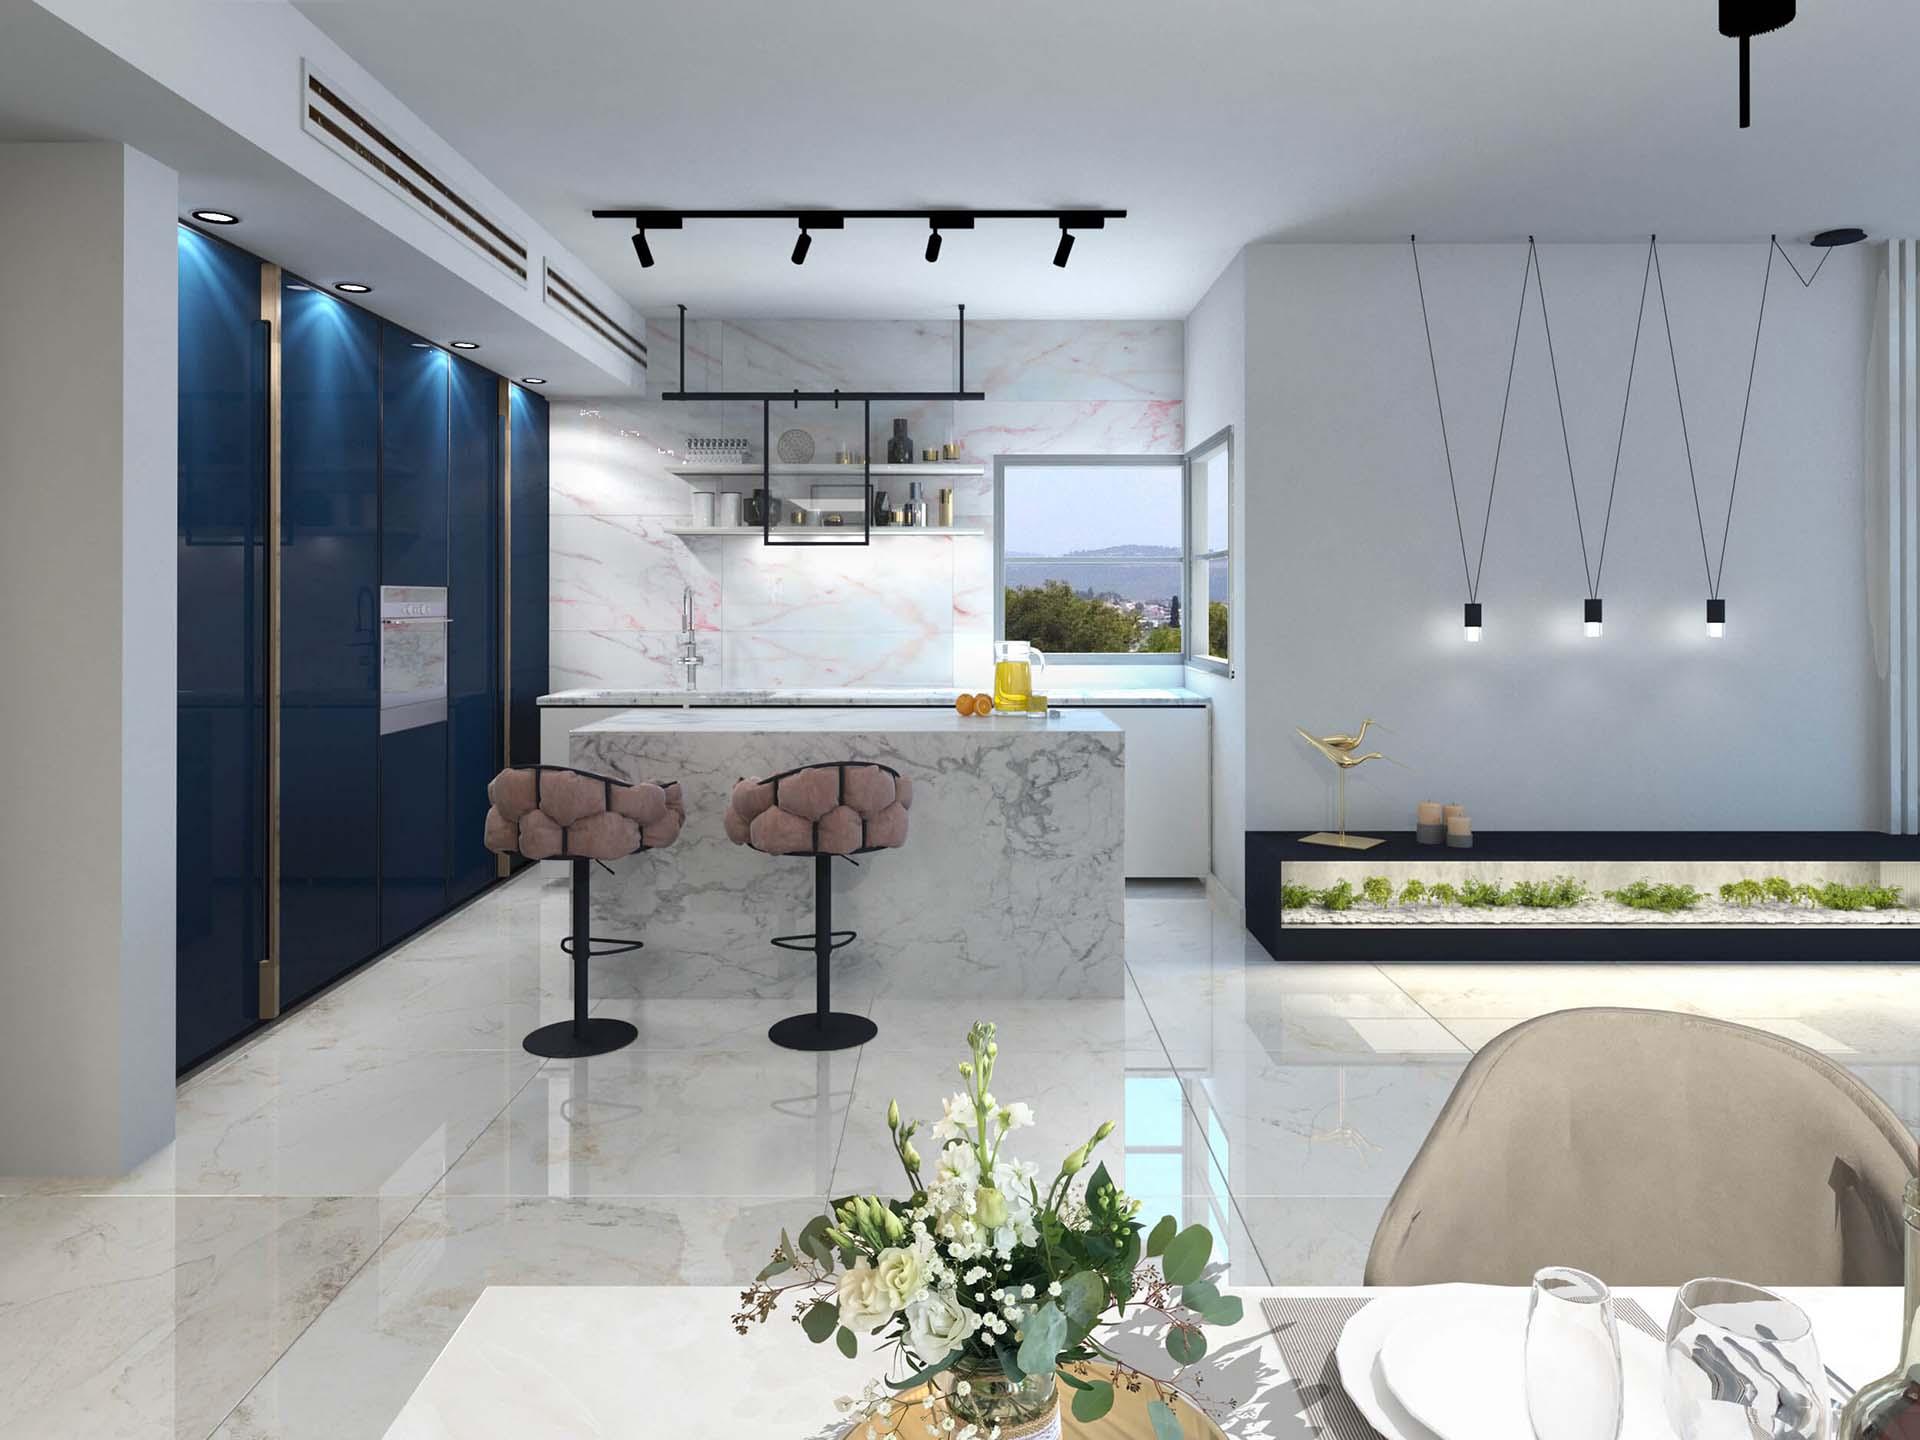 דירה 11 מבט למטבח)